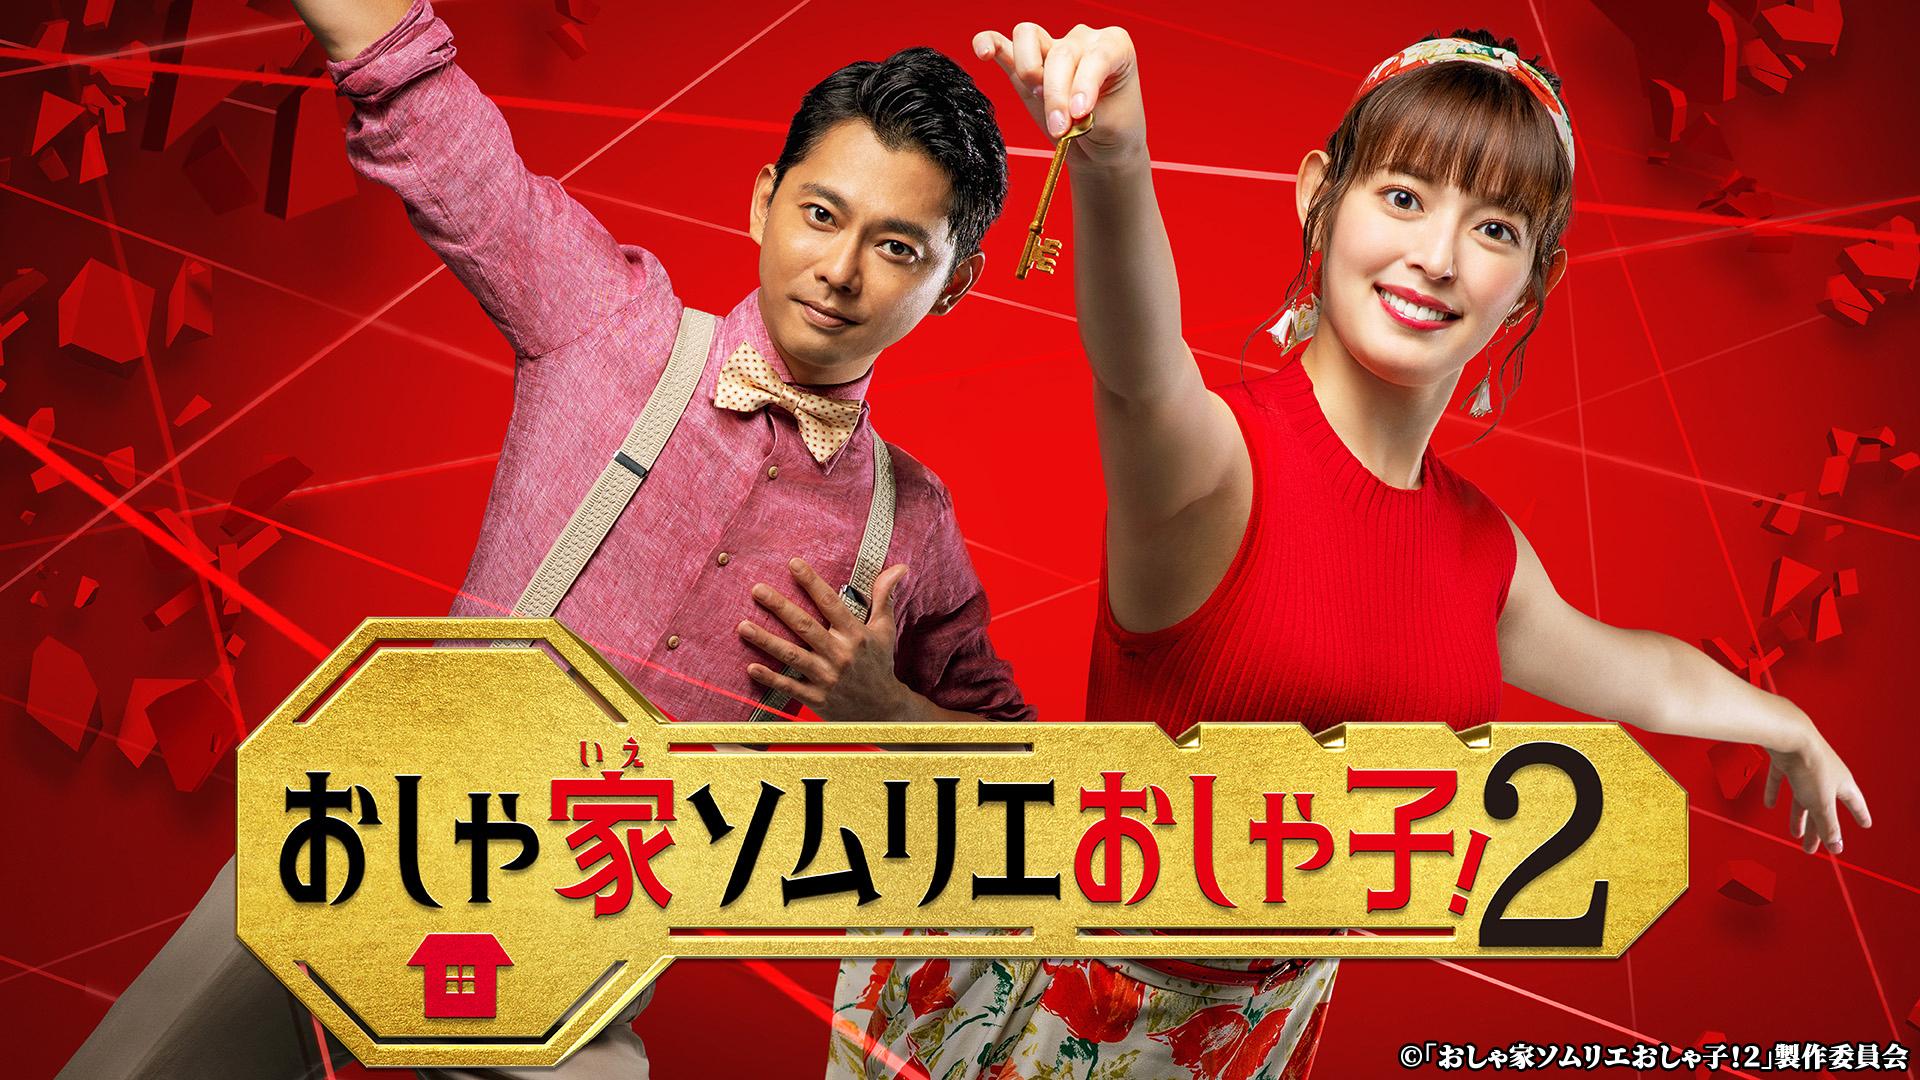 無料テレビでおしゃ家ソムリエおしゃ子!2を視聴する